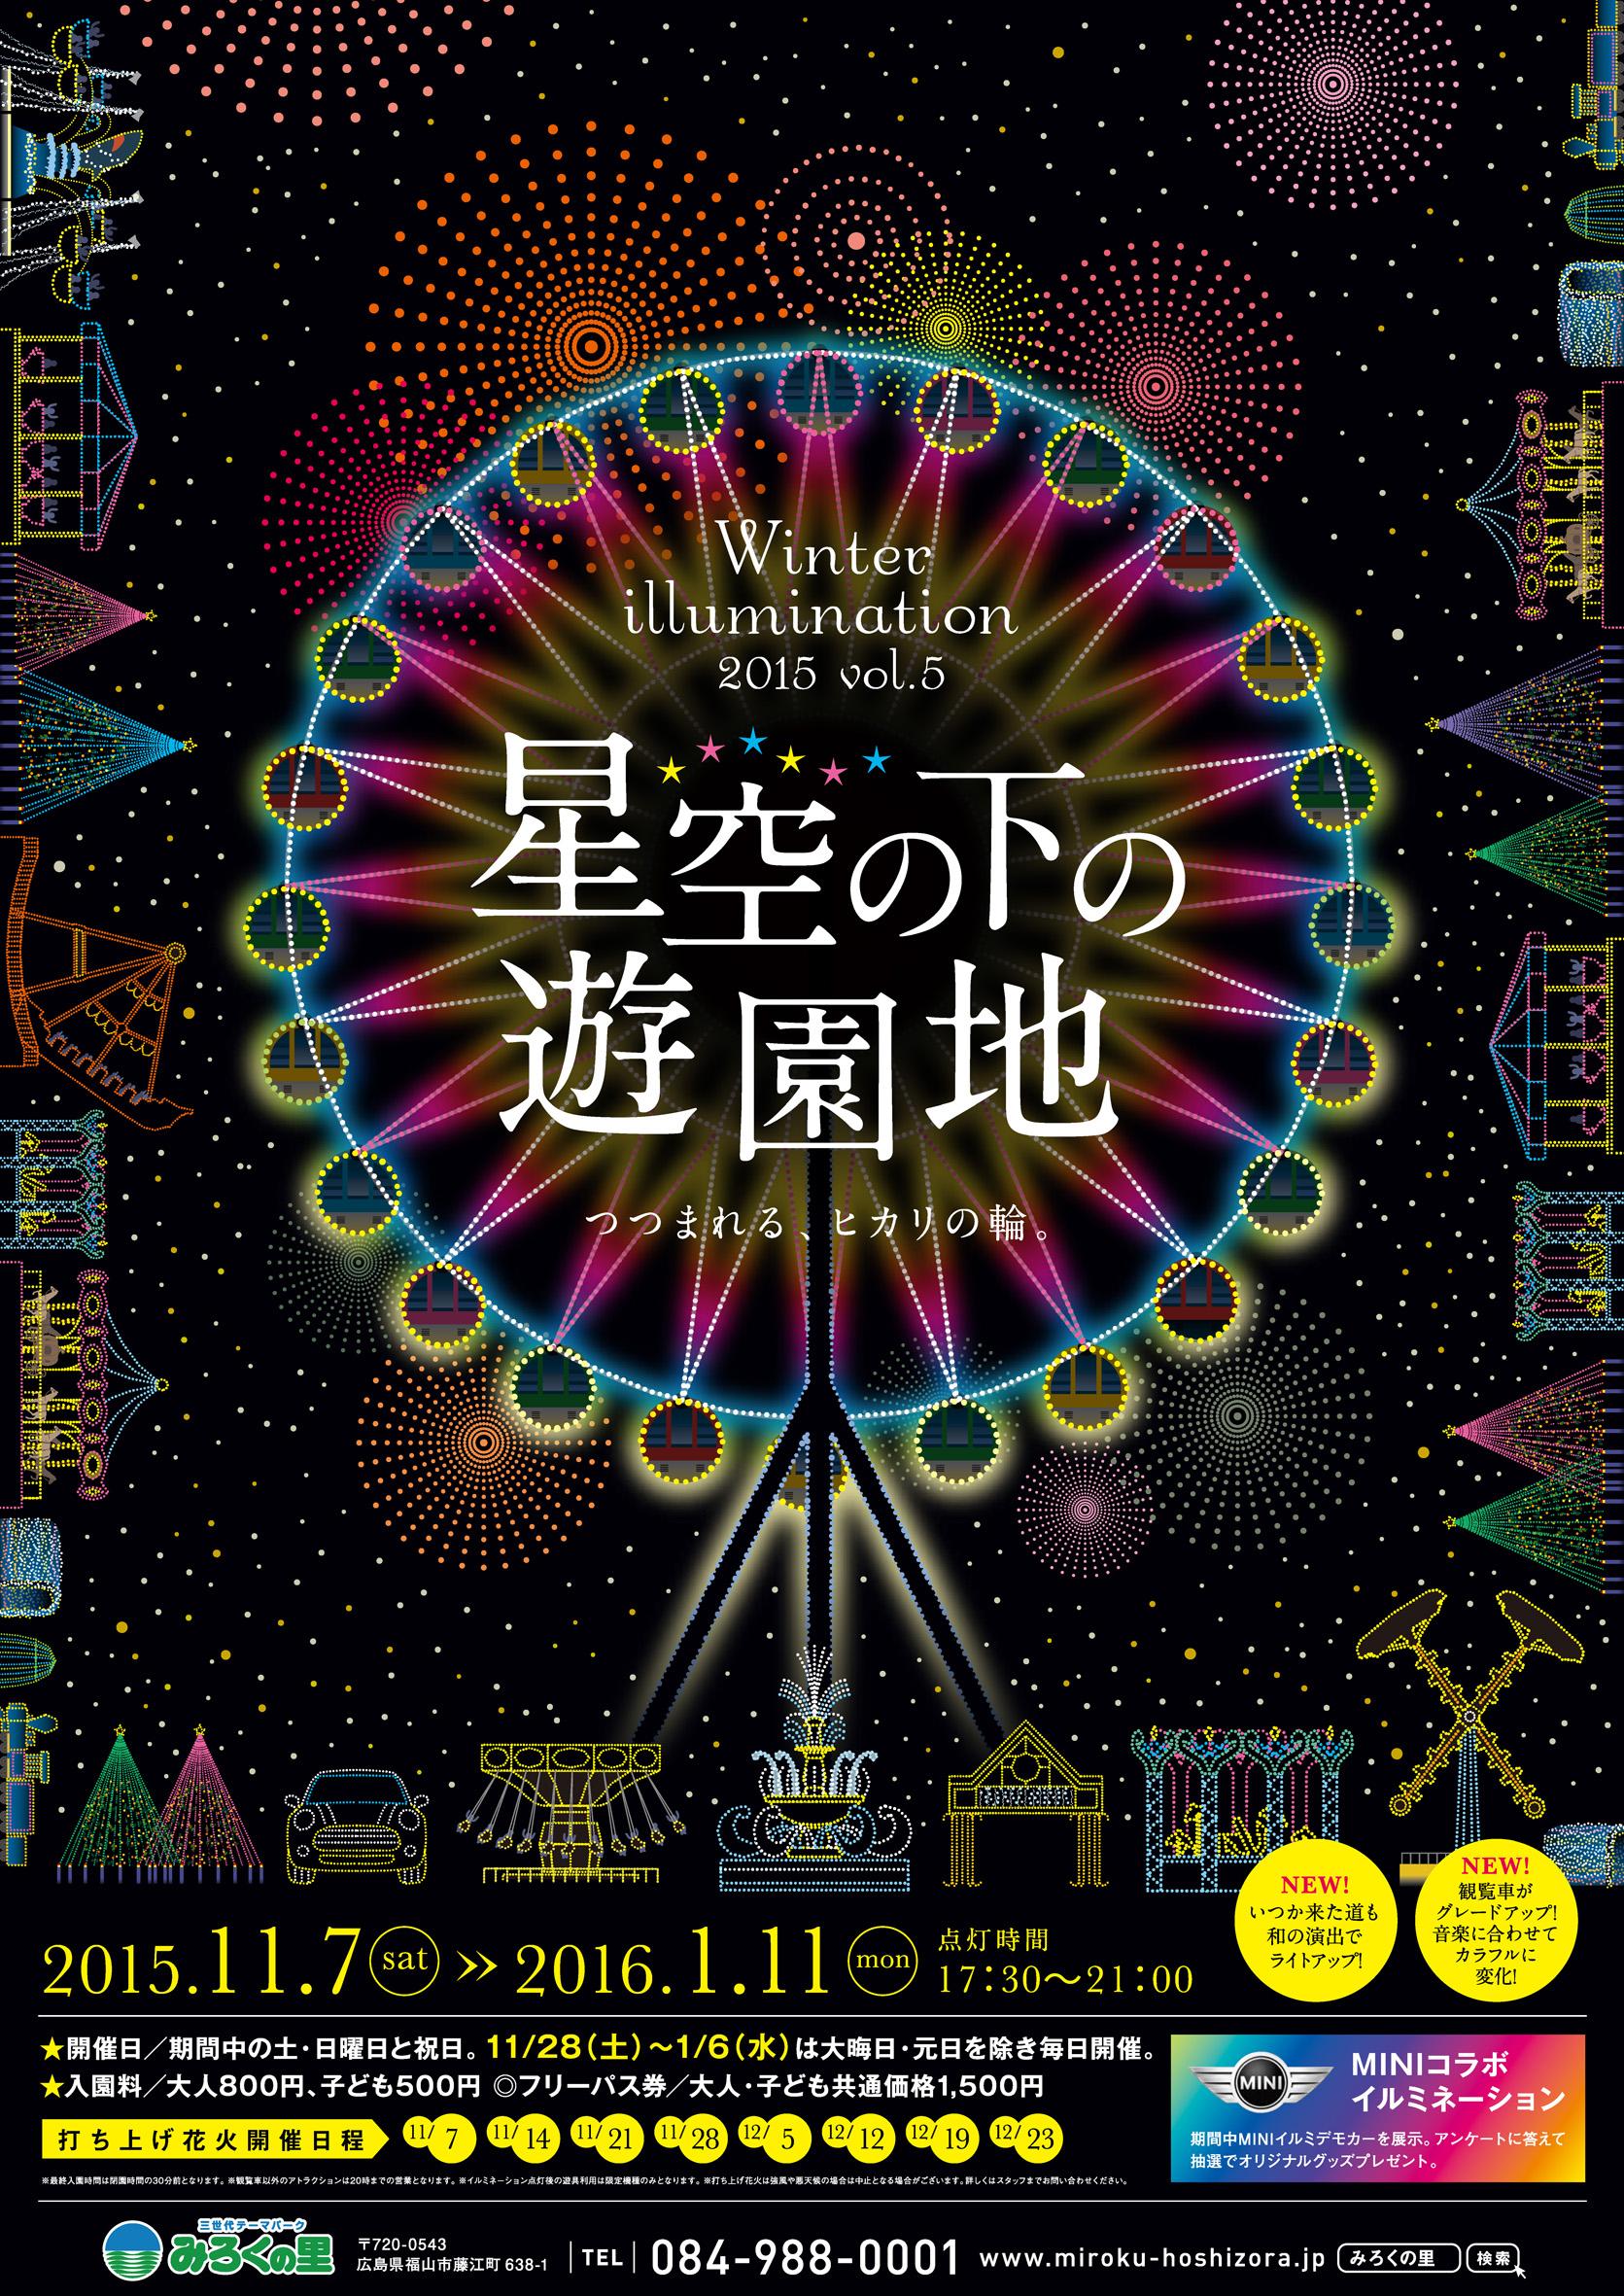 みろくの里ウインターイルミネーション2015「星空の下の遊園地Vol.5~つつまれる、ヒカリの輪~」光と音楽に彩られた遊園地で遊ぶ